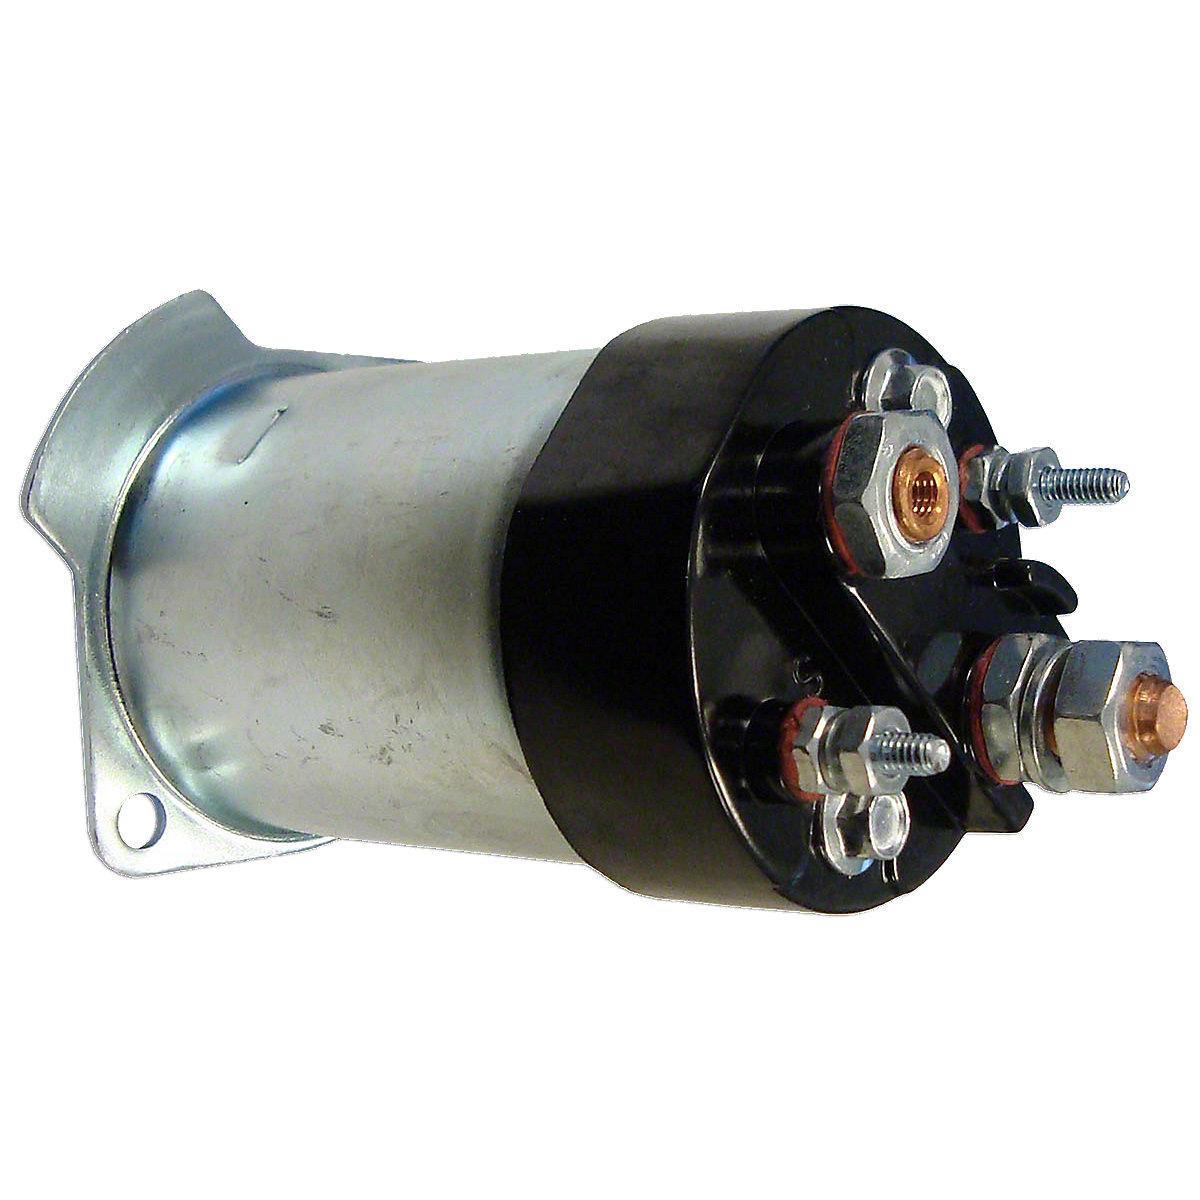 12 Volt Starter Solenoid For Allis Chalmers: 160 Diesel, 170, 175 Diesel, 180, 185 Gas, 190 Gas.